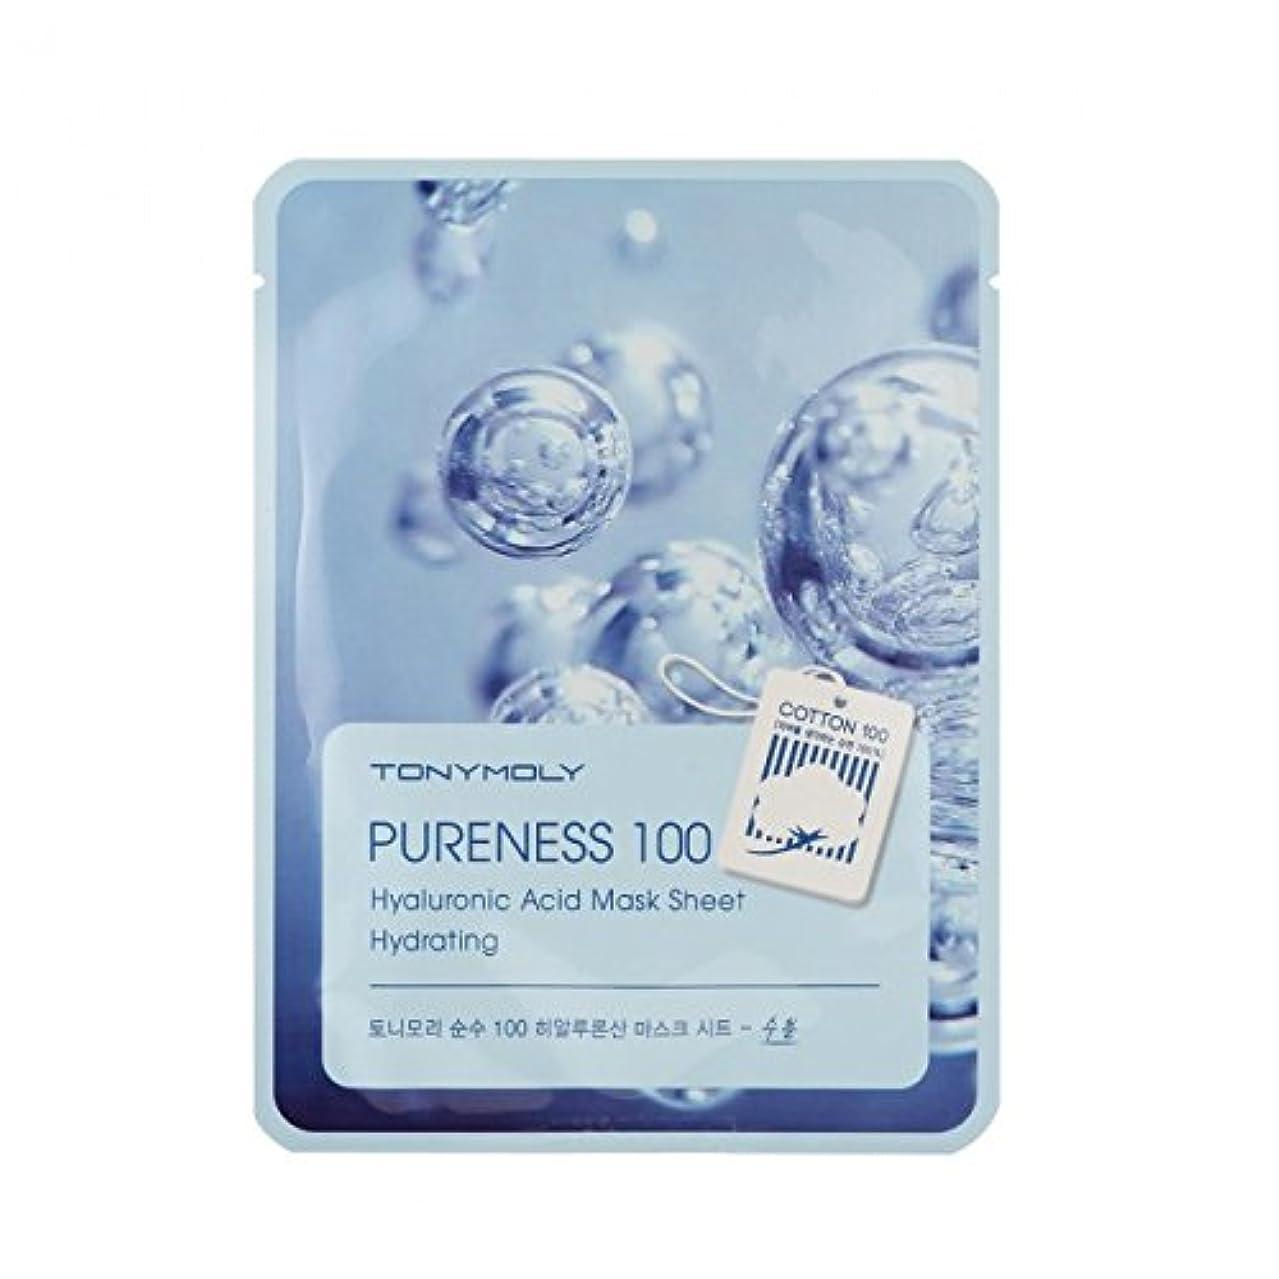 ギャングスター遊具音楽家TONYMOLY Pureness 100 Hyaluronic Acid Mask Sheet Hydrating (並行輸入品)